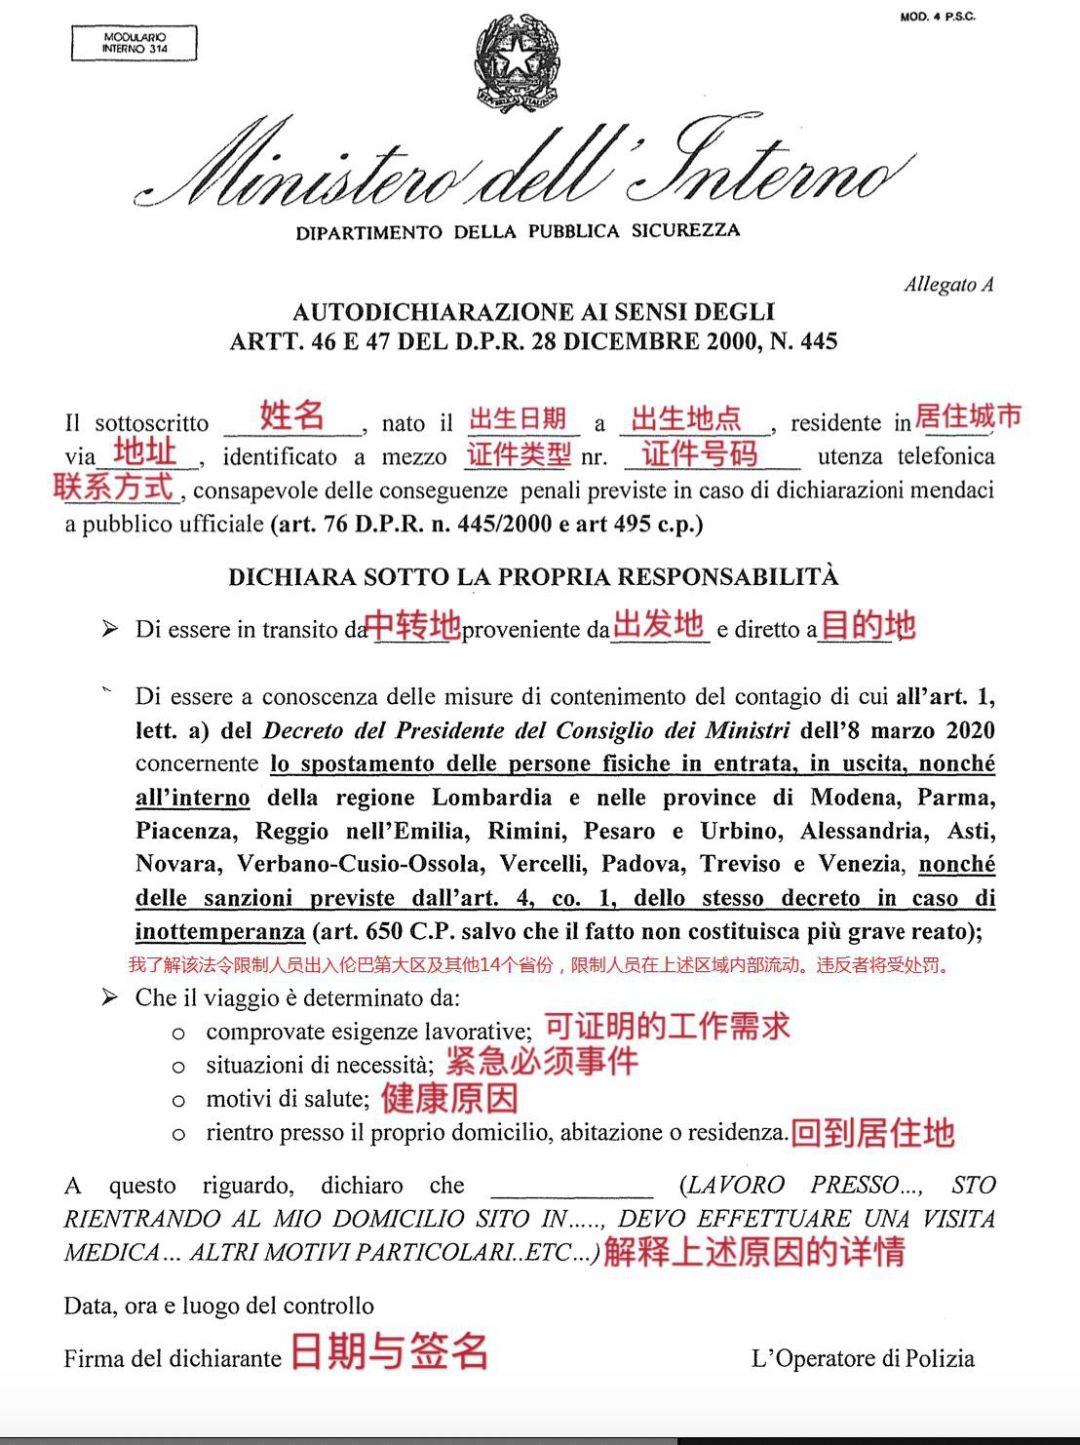 驻意大利使馆   :关于请遵守全意范围内限制出行法令的温馨提示 意国杂烩 第1张